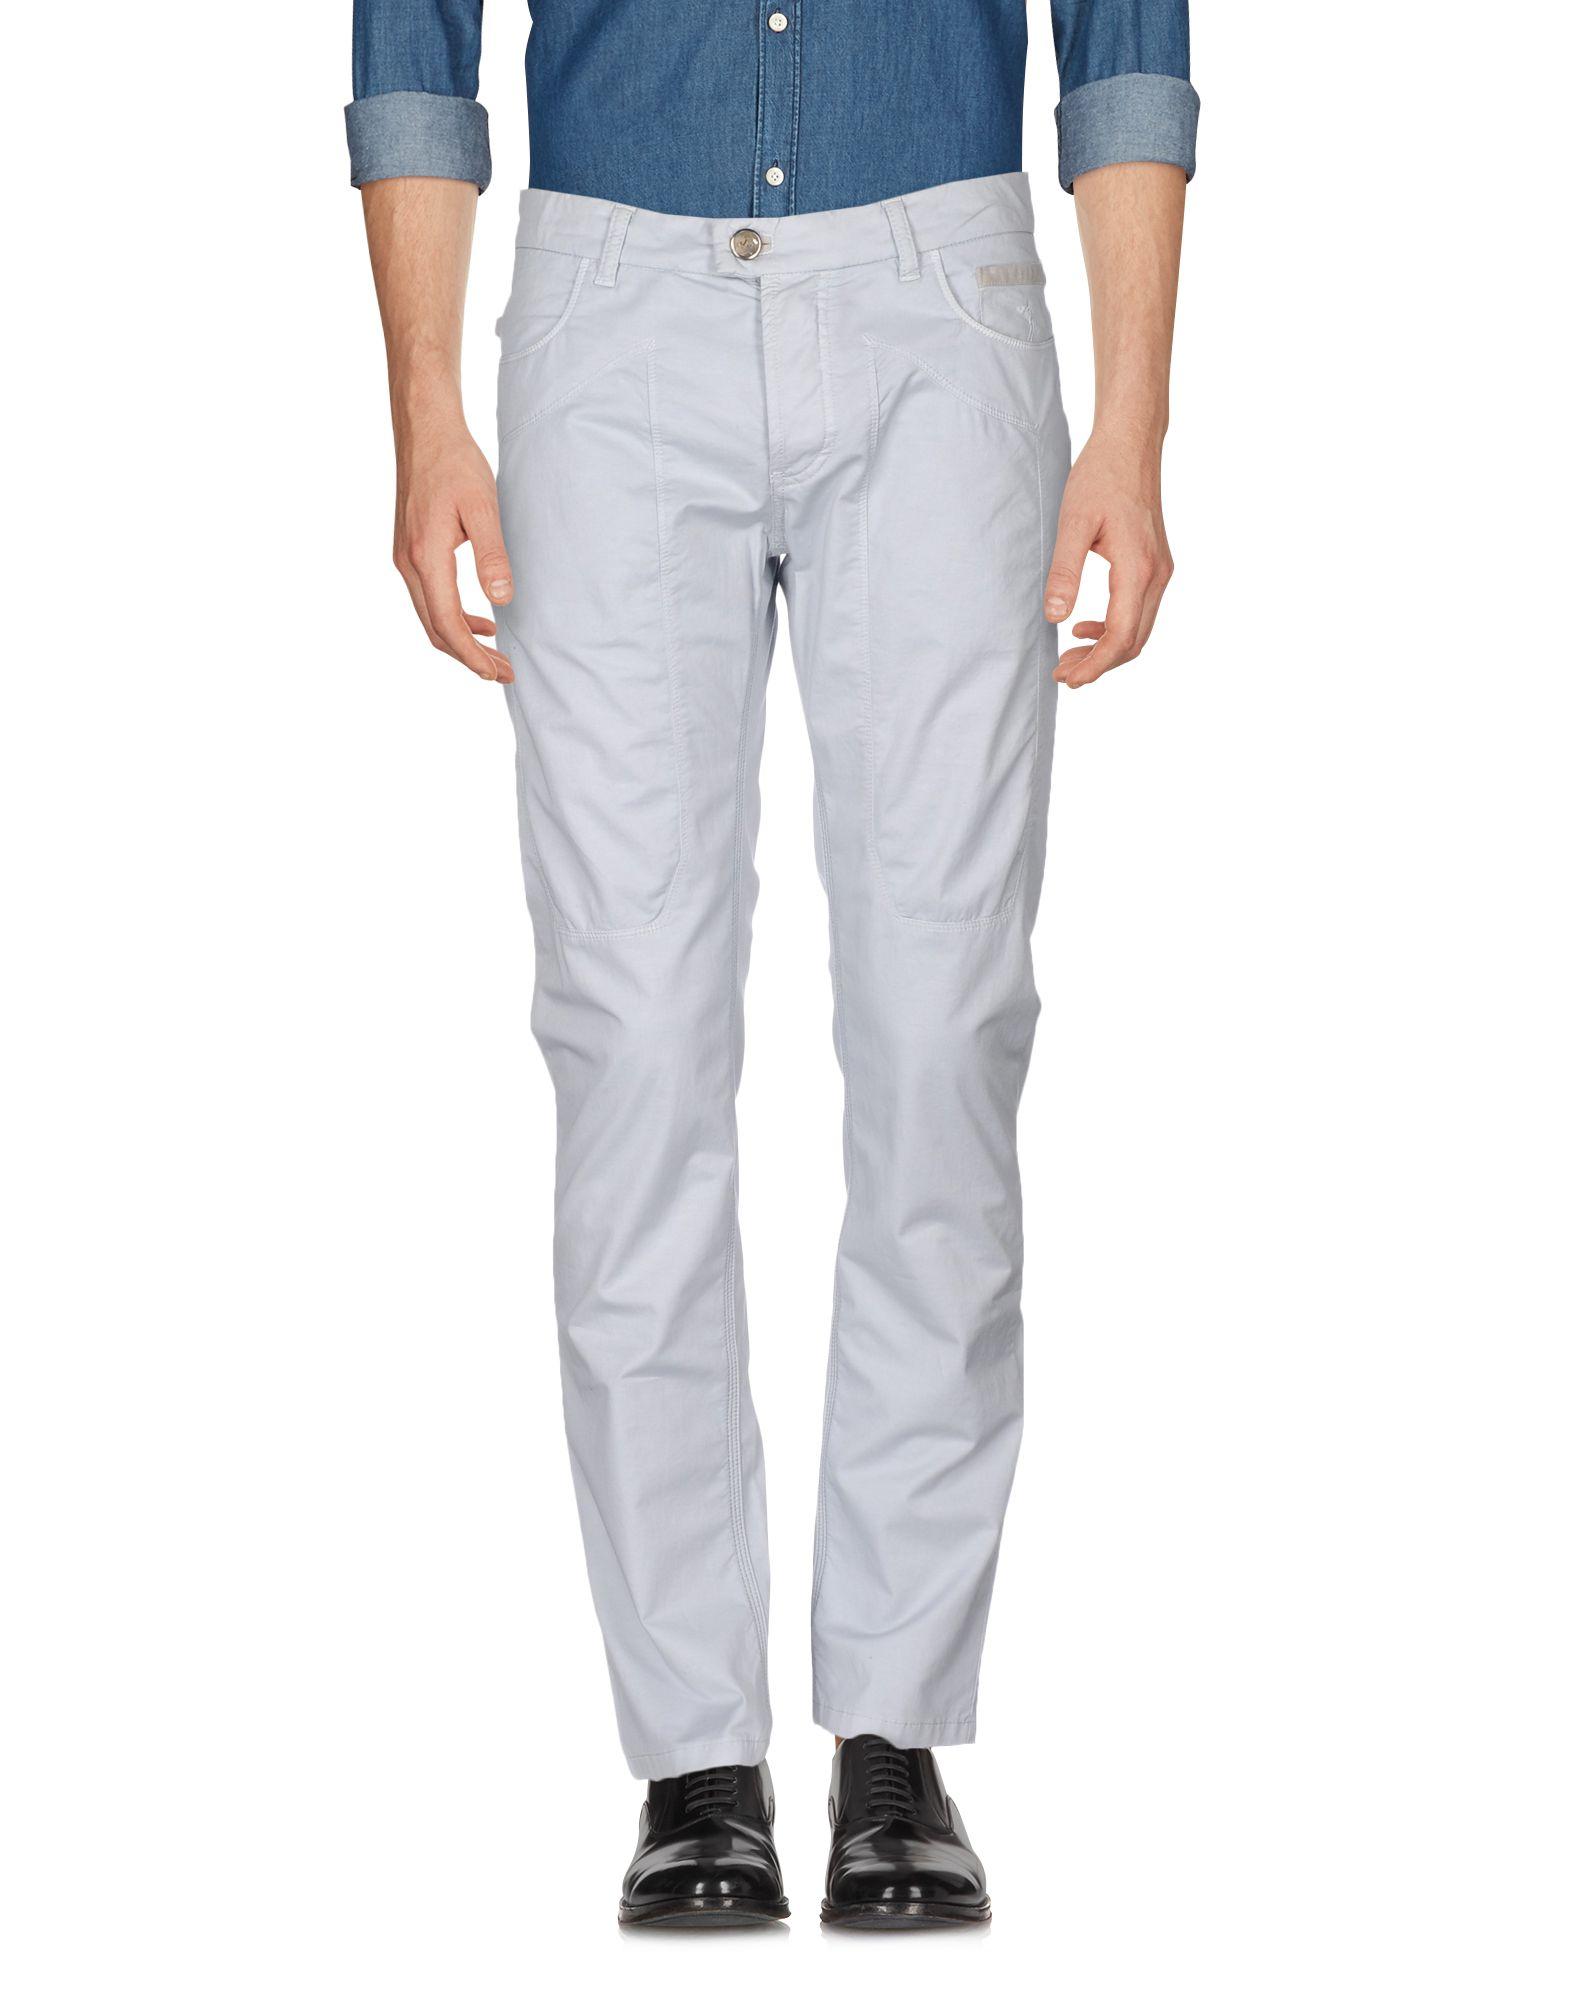 Pantalon - Pantalon Décontracté Dix-huit J'18 De Jeckerson jfowA